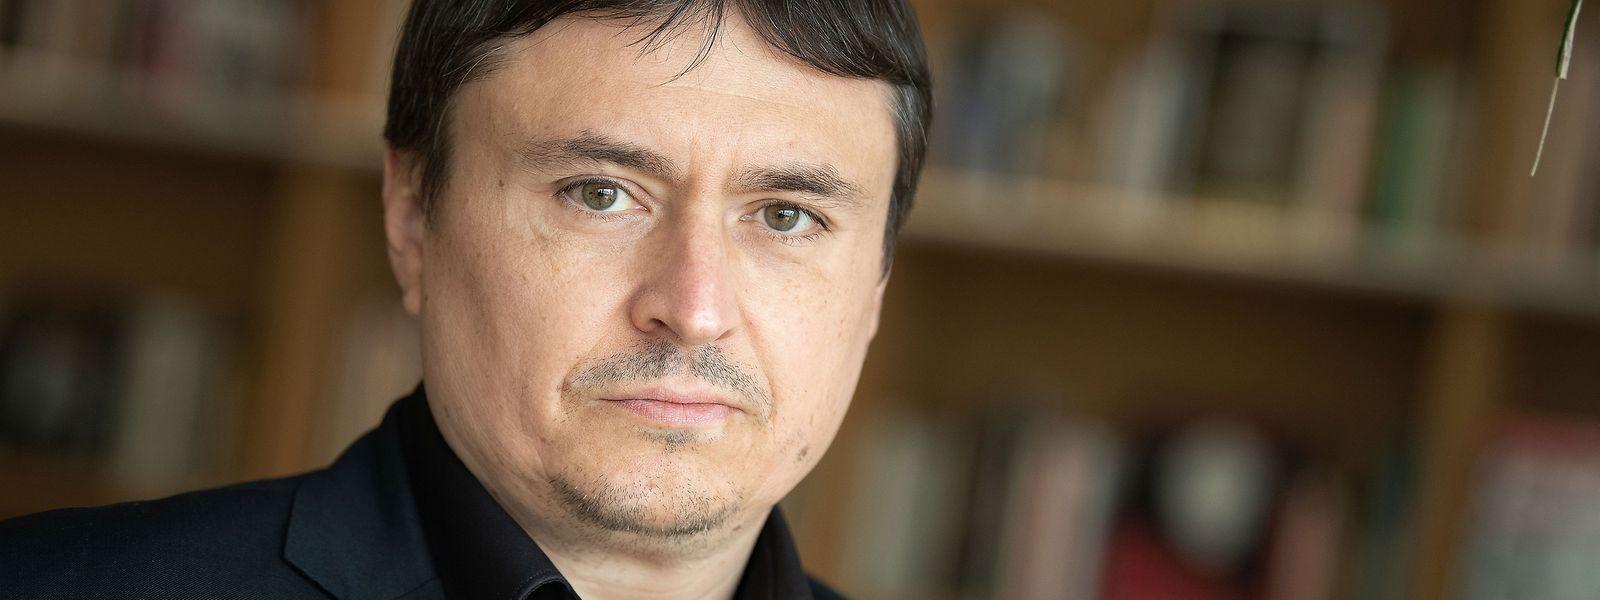 Drei Mal nahm Cristian Mungiu am Wettbewerb der Filmfestspiele in Cannes teil - und wurde drei Mal ausgezeichnet.